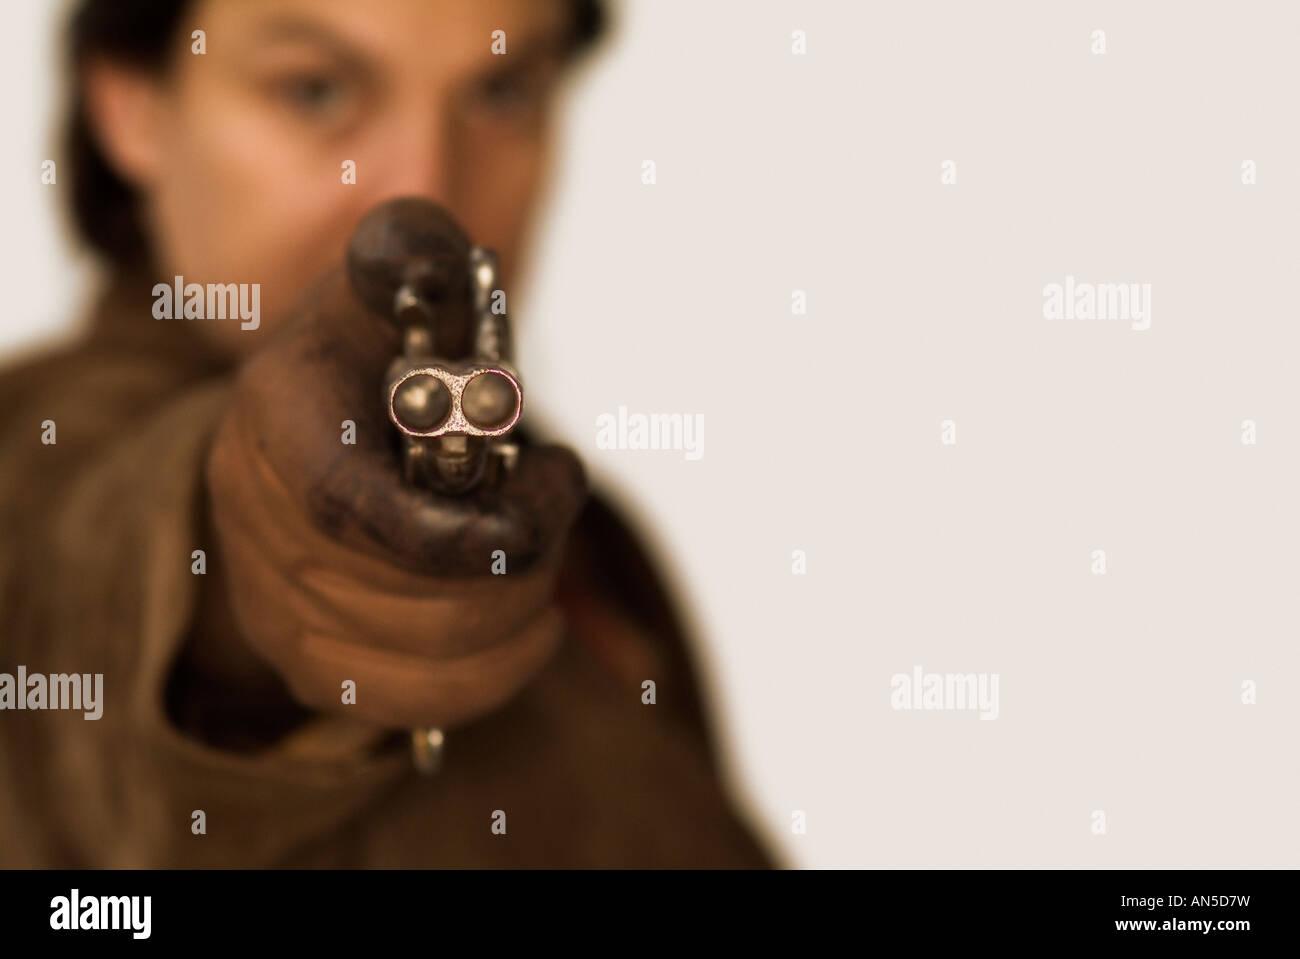 Unerkennbar Person mit dem Ziel, die Kamera mit einer doppelläufigen Pistole Stockbild